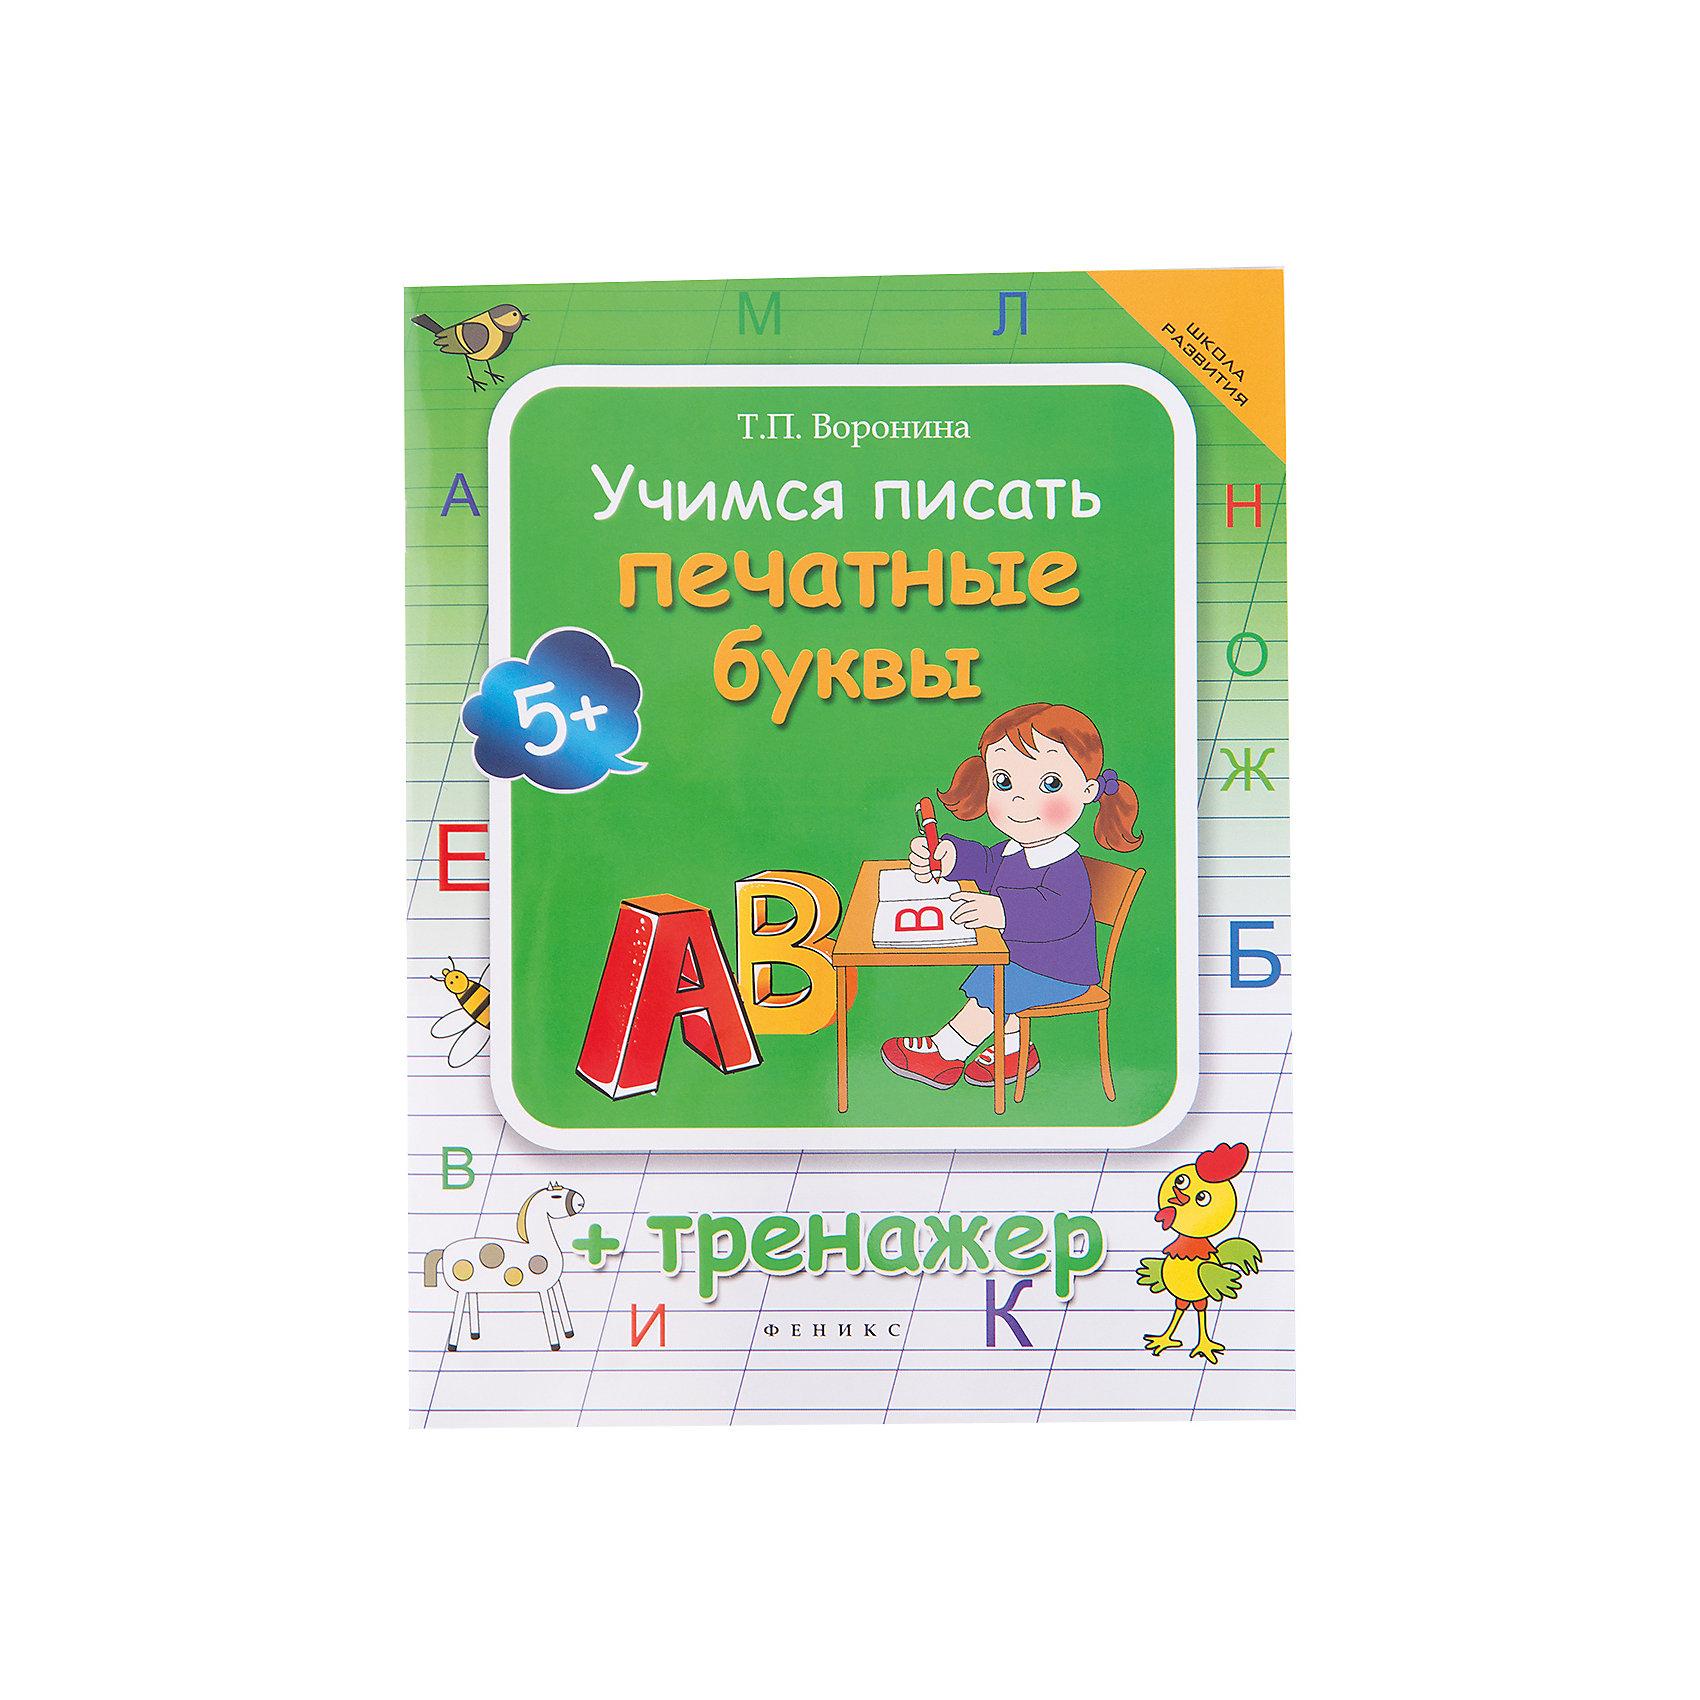 Книга Учимся писать печатные буквы, 2-е изданиеКнига Учимся писать печатные буквы, 2-е издание<br><br>Характеристики: <br><br>• ISBN: 9785222287064<br>• Страниц: 32<br>• Возраст: 5+<br>• Обложка: мягкая<br>• Формат: а4<br><br>Используя эту книгу, ребенок сможет научиться письму и быстро запомнить основные начертания букв, а так же развить мелкую моторику, наблюдательность, память, зоркость и внимательность. Рекомендуется для детей 5-6 лет, так как особенна полезна эта книга будет для тех, кто собирается поступать в школу. Работать над заданиями можно с помощью ярких маркеров или карандашей, что позволит детям быстрее запомнить  очертания русских букв и научиться писать простые слова.<br><br>Книга Учимся писать печатные буквы, 2-е издание можно купить в нашем интернет-магазине.<br><br>Ширина мм: 261<br>Глубина мм: 200<br>Высота мм: 20<br>Вес г: 88<br>Возраст от месяцев: -2147483648<br>Возраст до месяцев: 2147483647<br>Пол: Унисекс<br>Возраст: Детский<br>SKU: 5464581